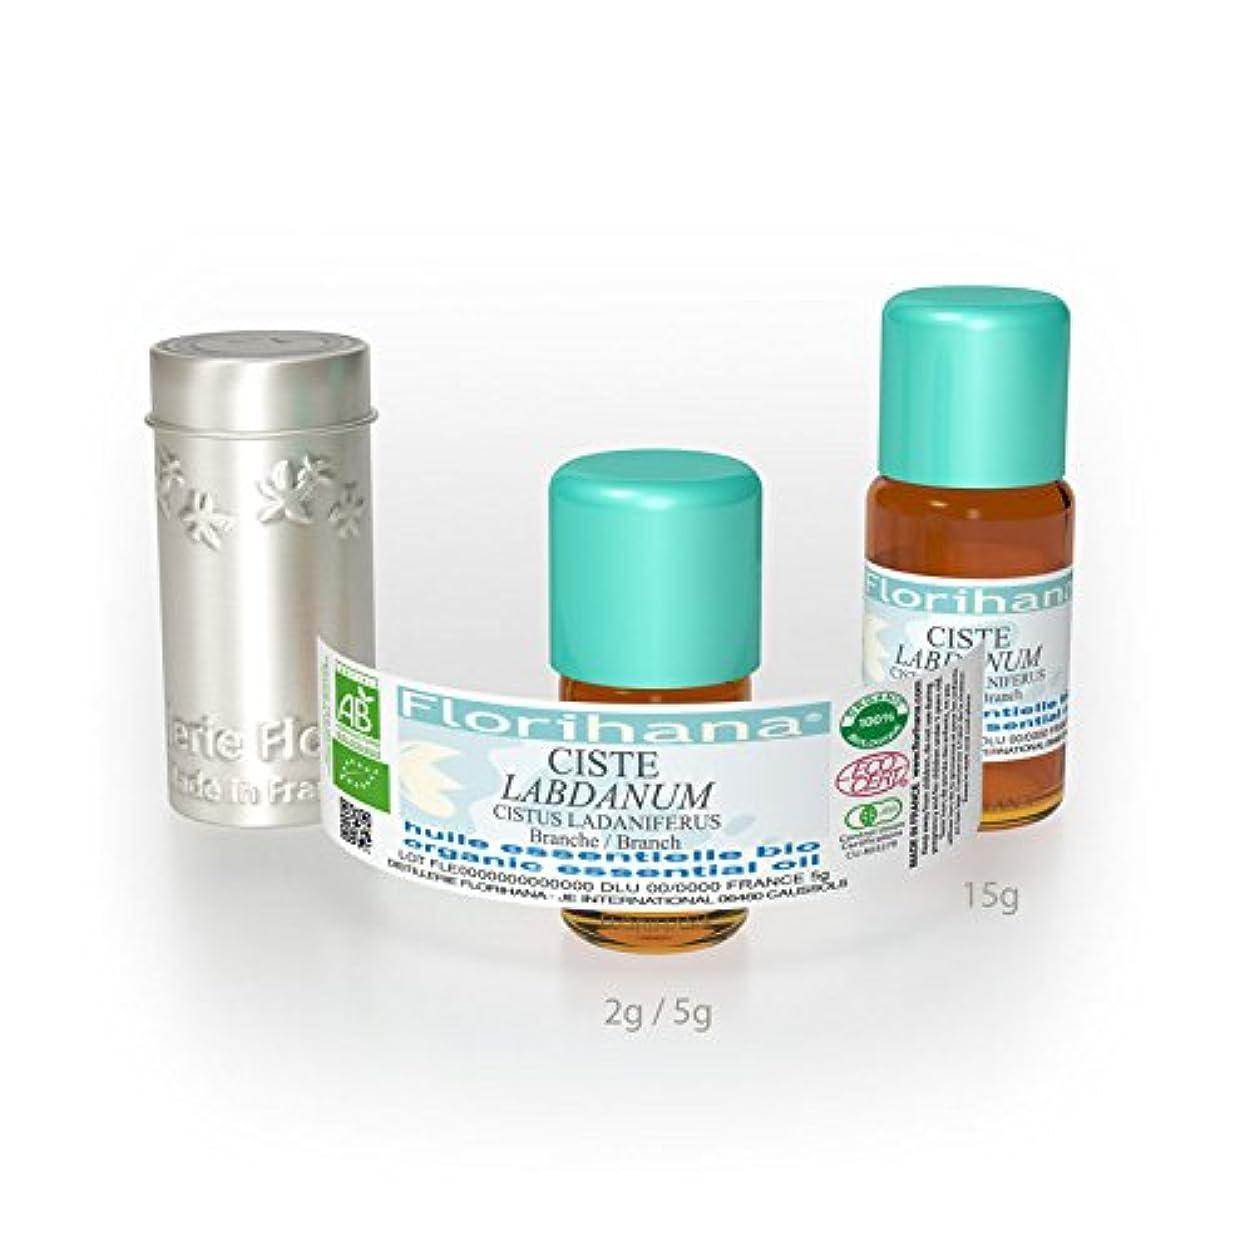 アナログ露骨なこしょうオーガニック エッセンシャルオイル シスタス/ラブダナム 2g(2.2ml)